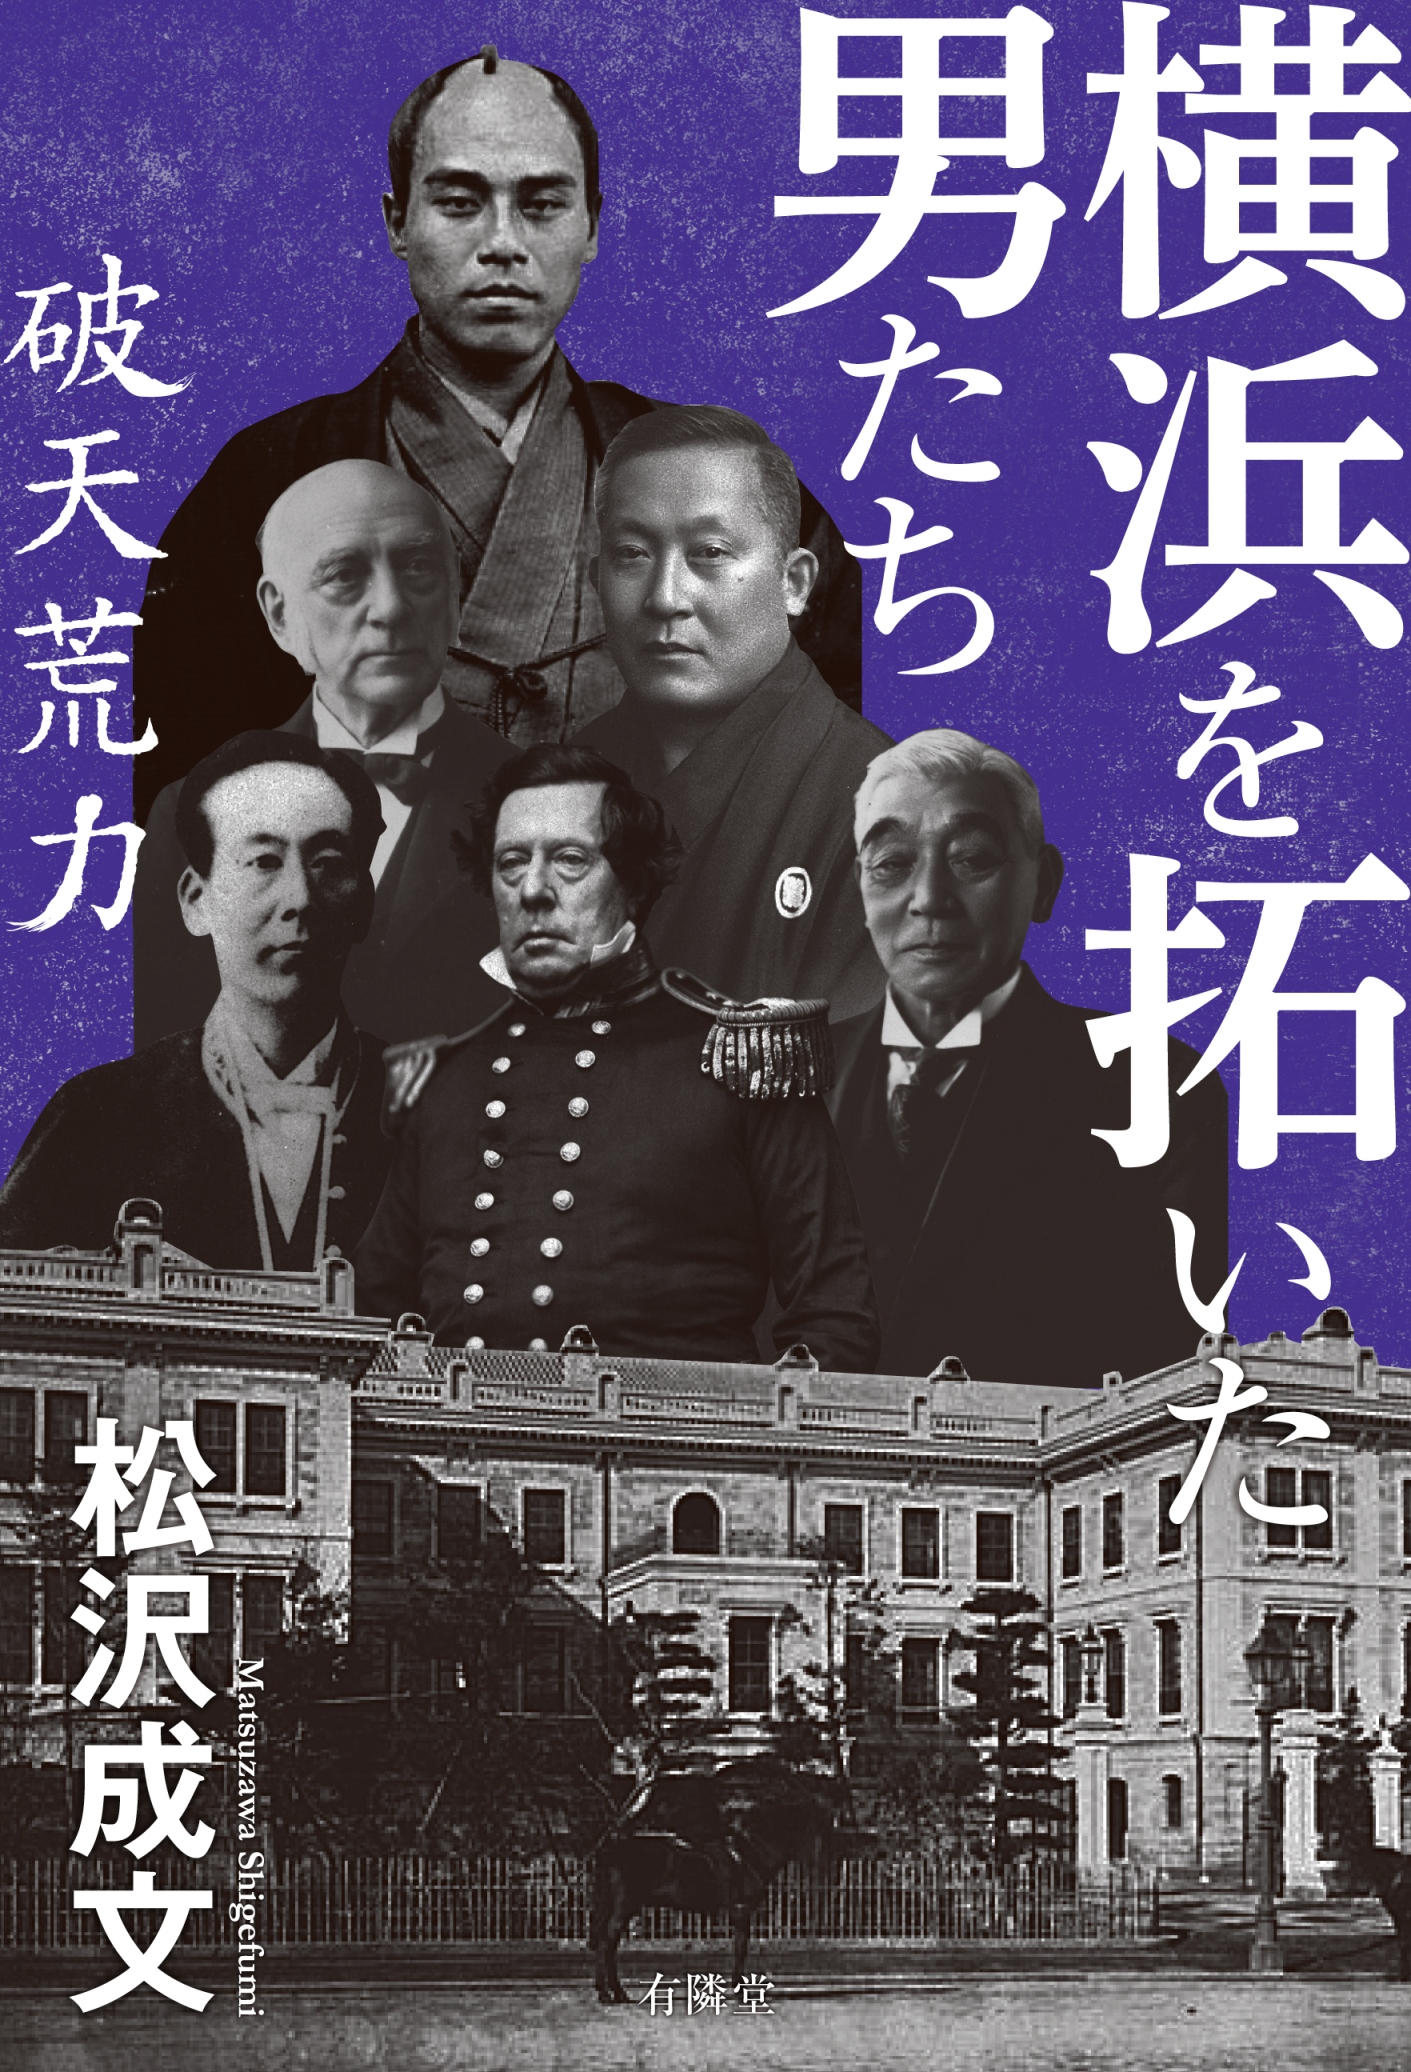 【3月上旬発売予定】 横浜を拓いた男たち